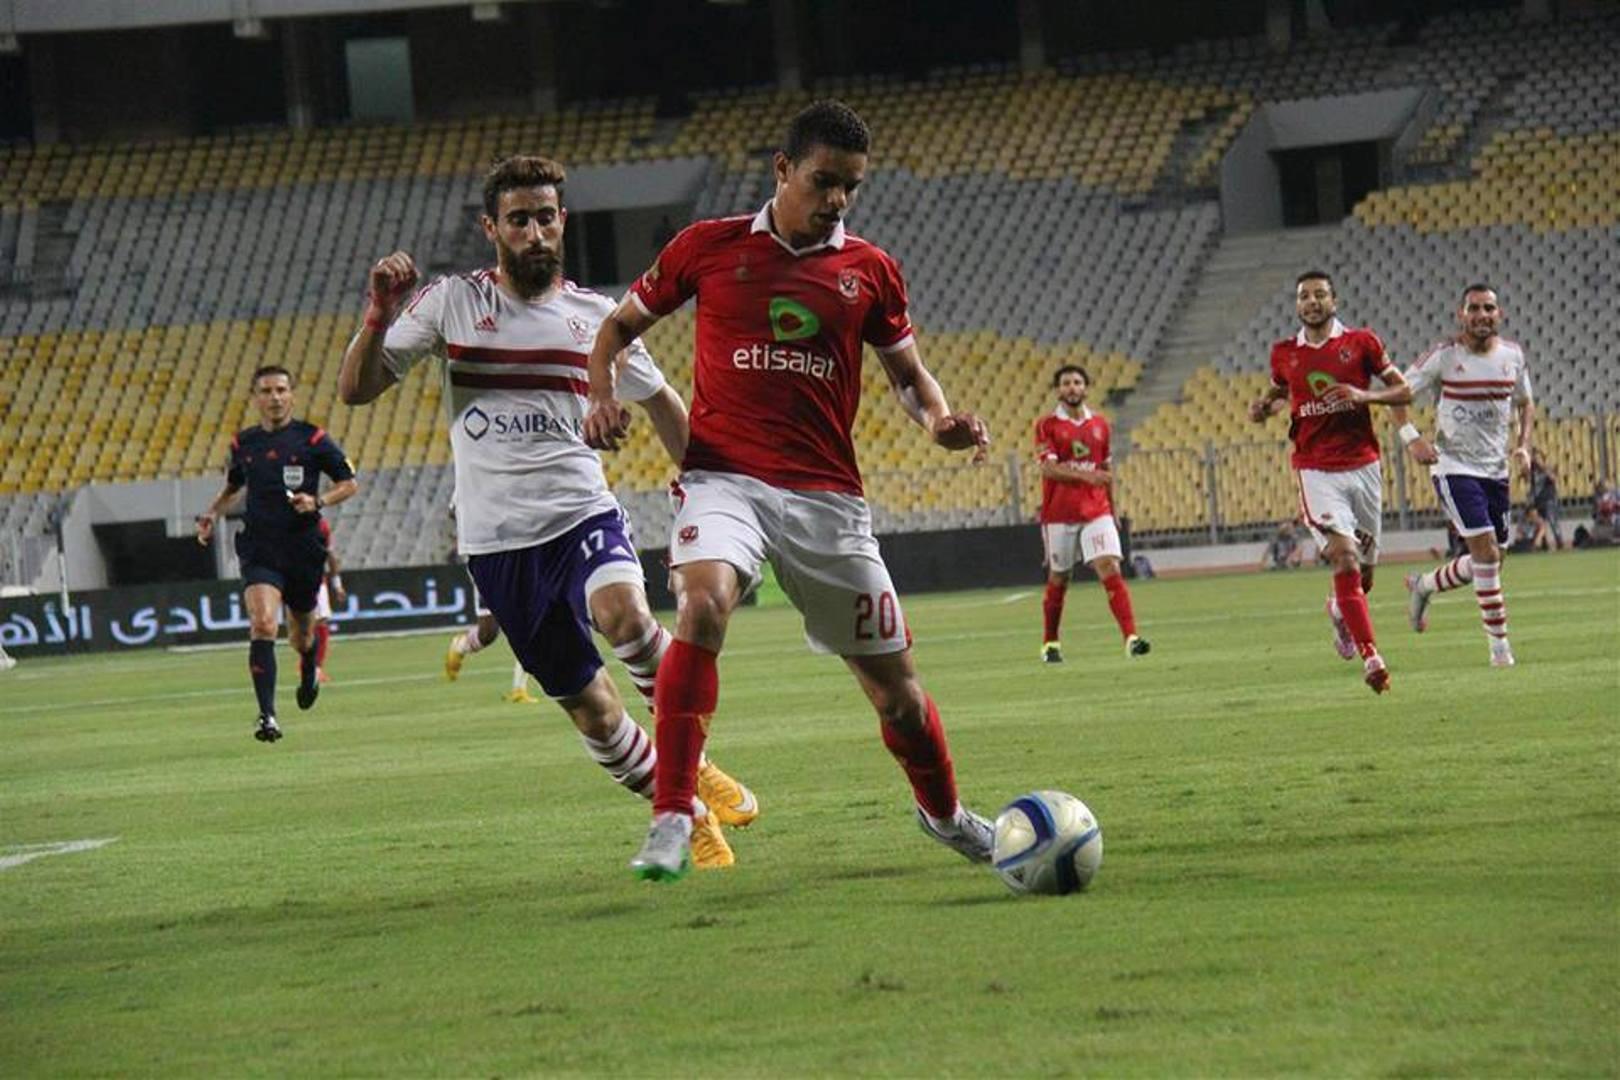 Basem Morsi - Saad Samir - Al Ahly - Zamalek